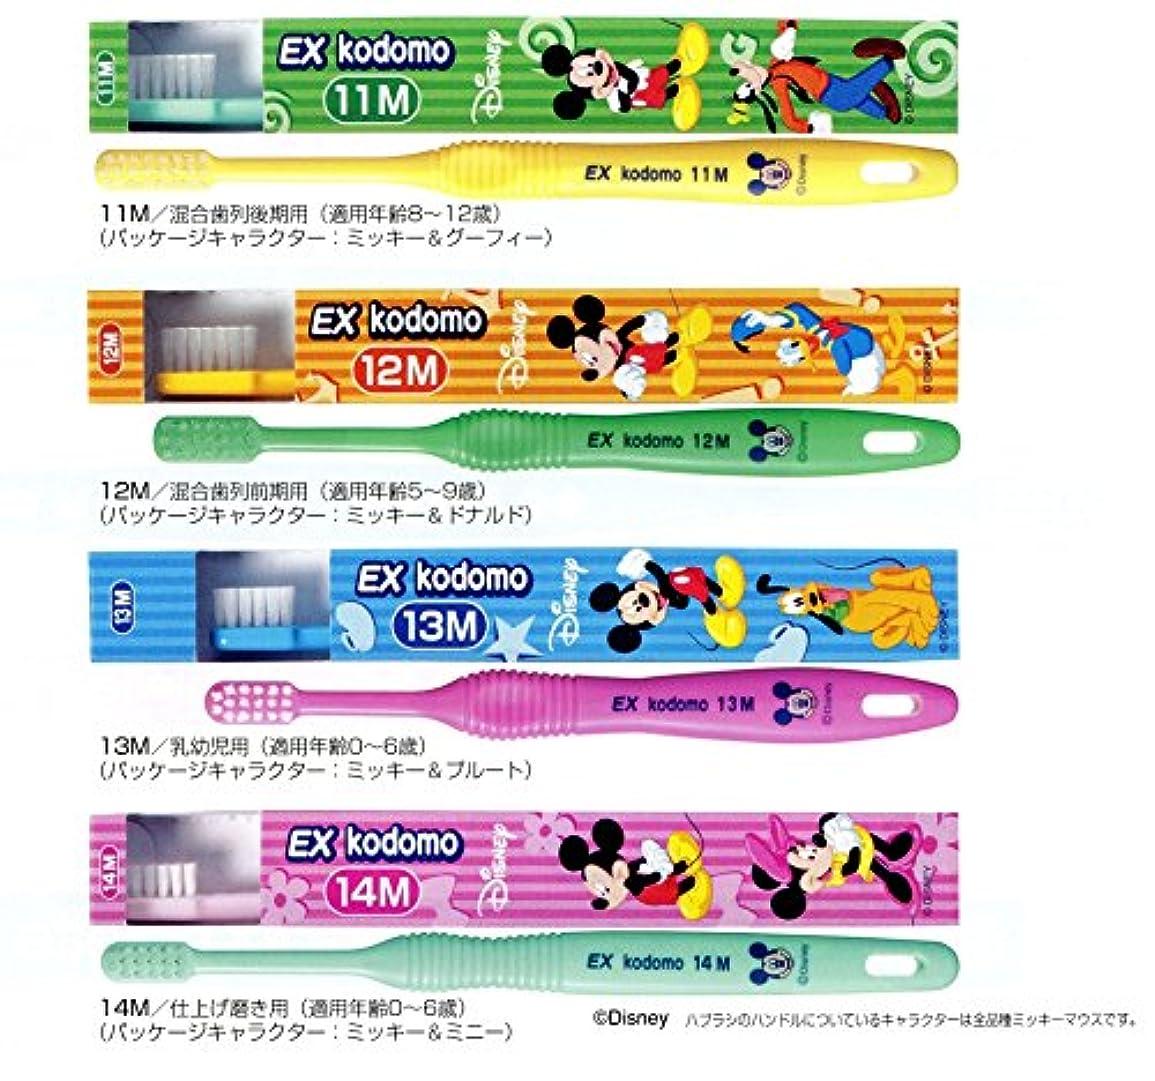 ヒューバートハドソン十年落ちたライオン コドモ ディズニー DENT.EX kodomo Disney 1本 11M ピンク (8?12歳)